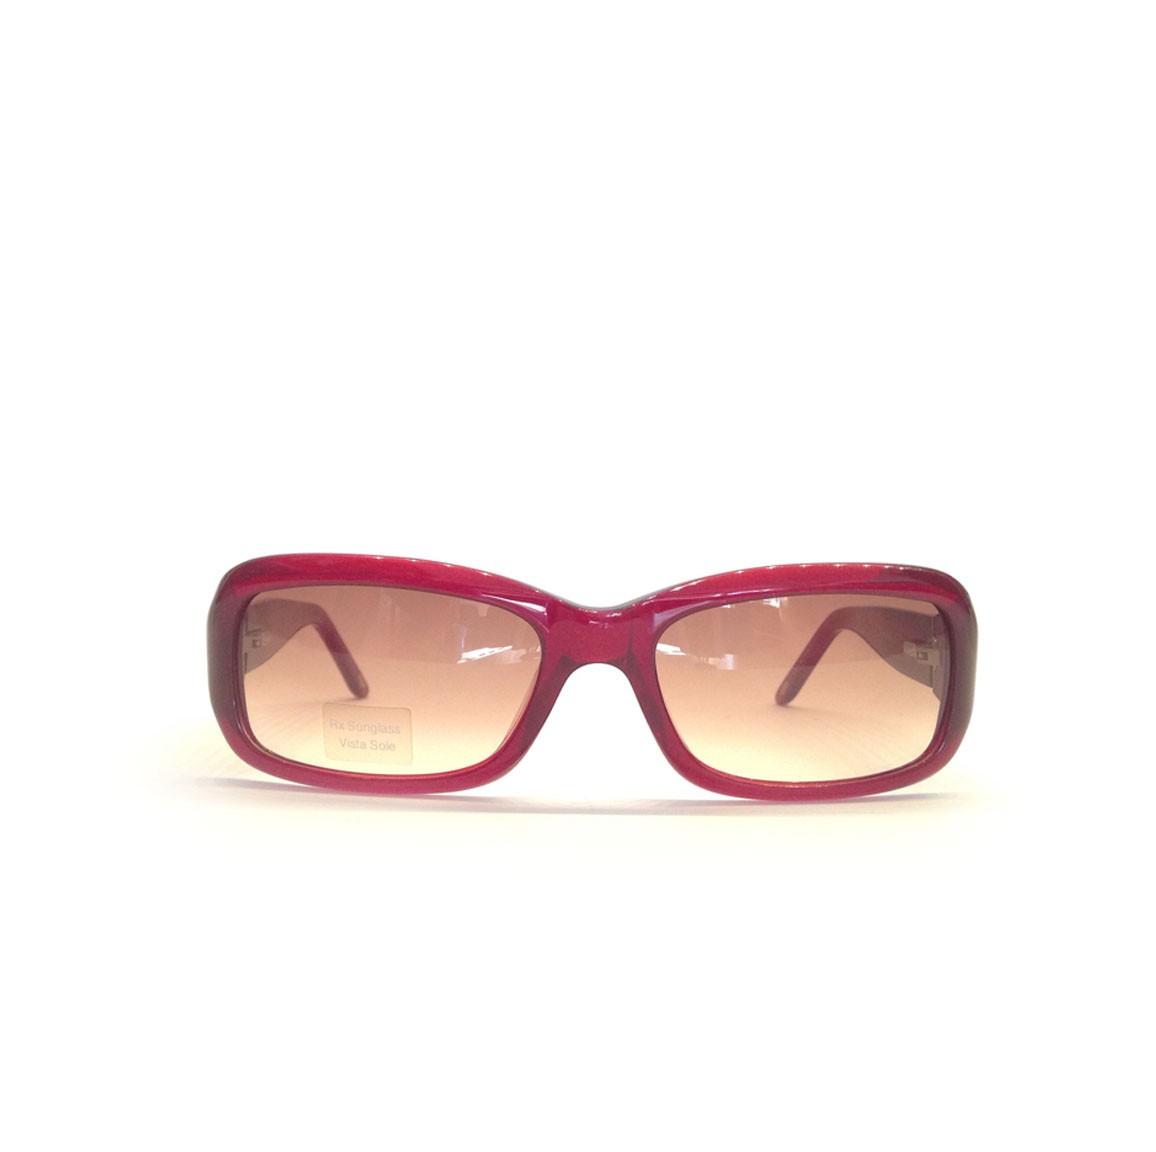 Skeggiottica Occhiali acetato trevì donna rosso da coliseum sole 0nwqnFOAP